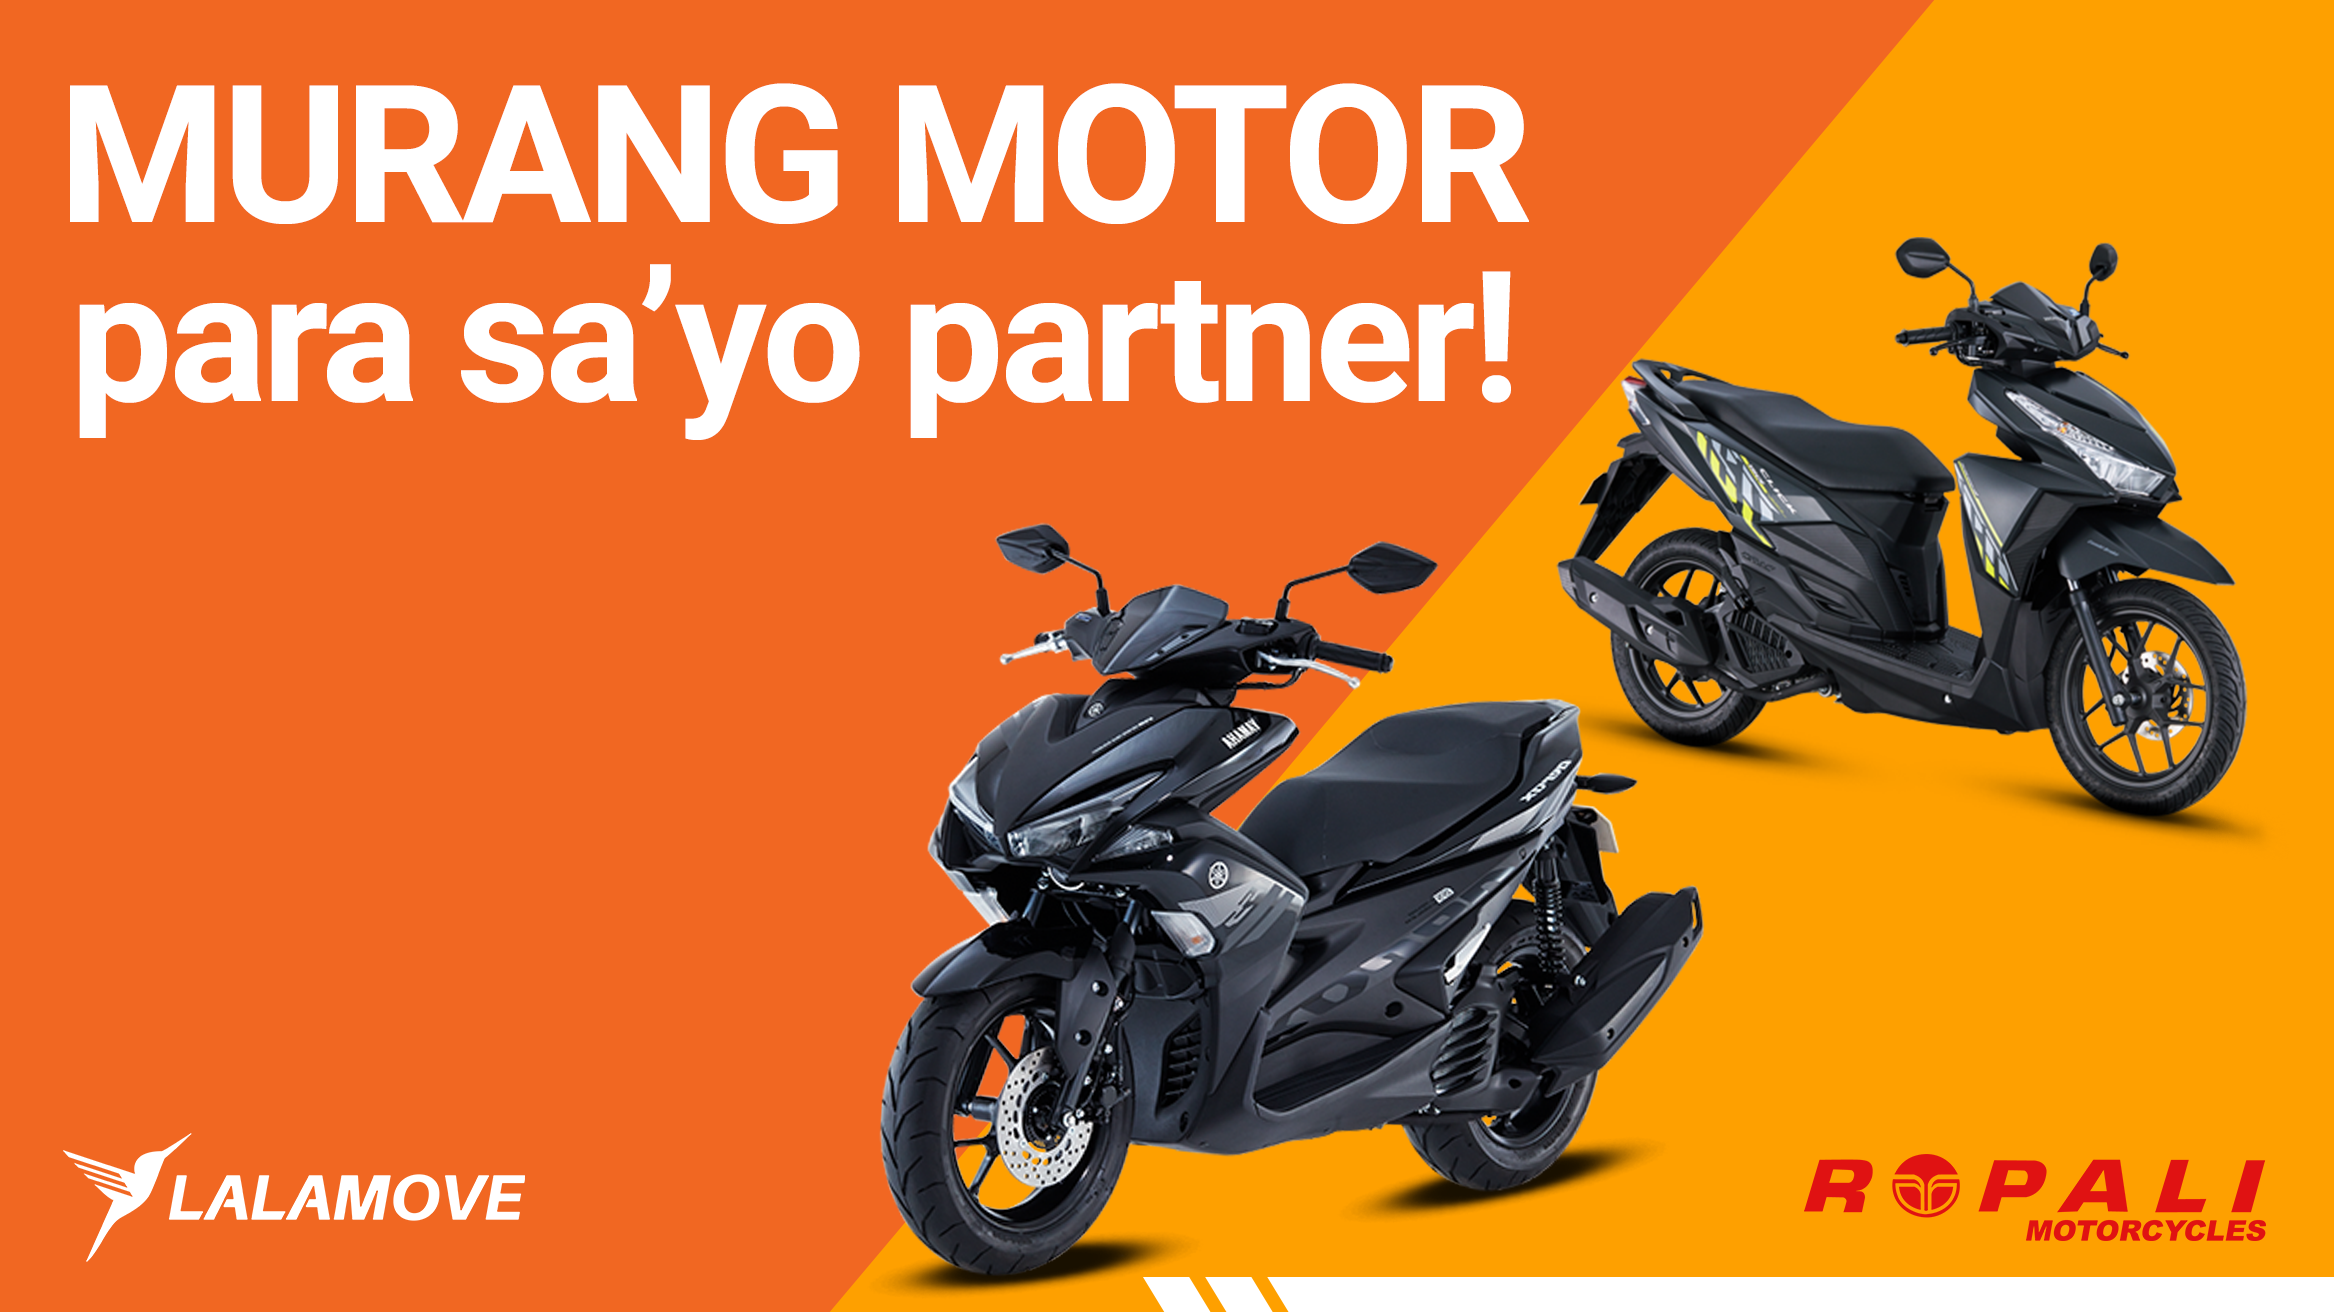 Discount at financing para sa Lalamove Partner Drivers hatid ng Ropali Motors!